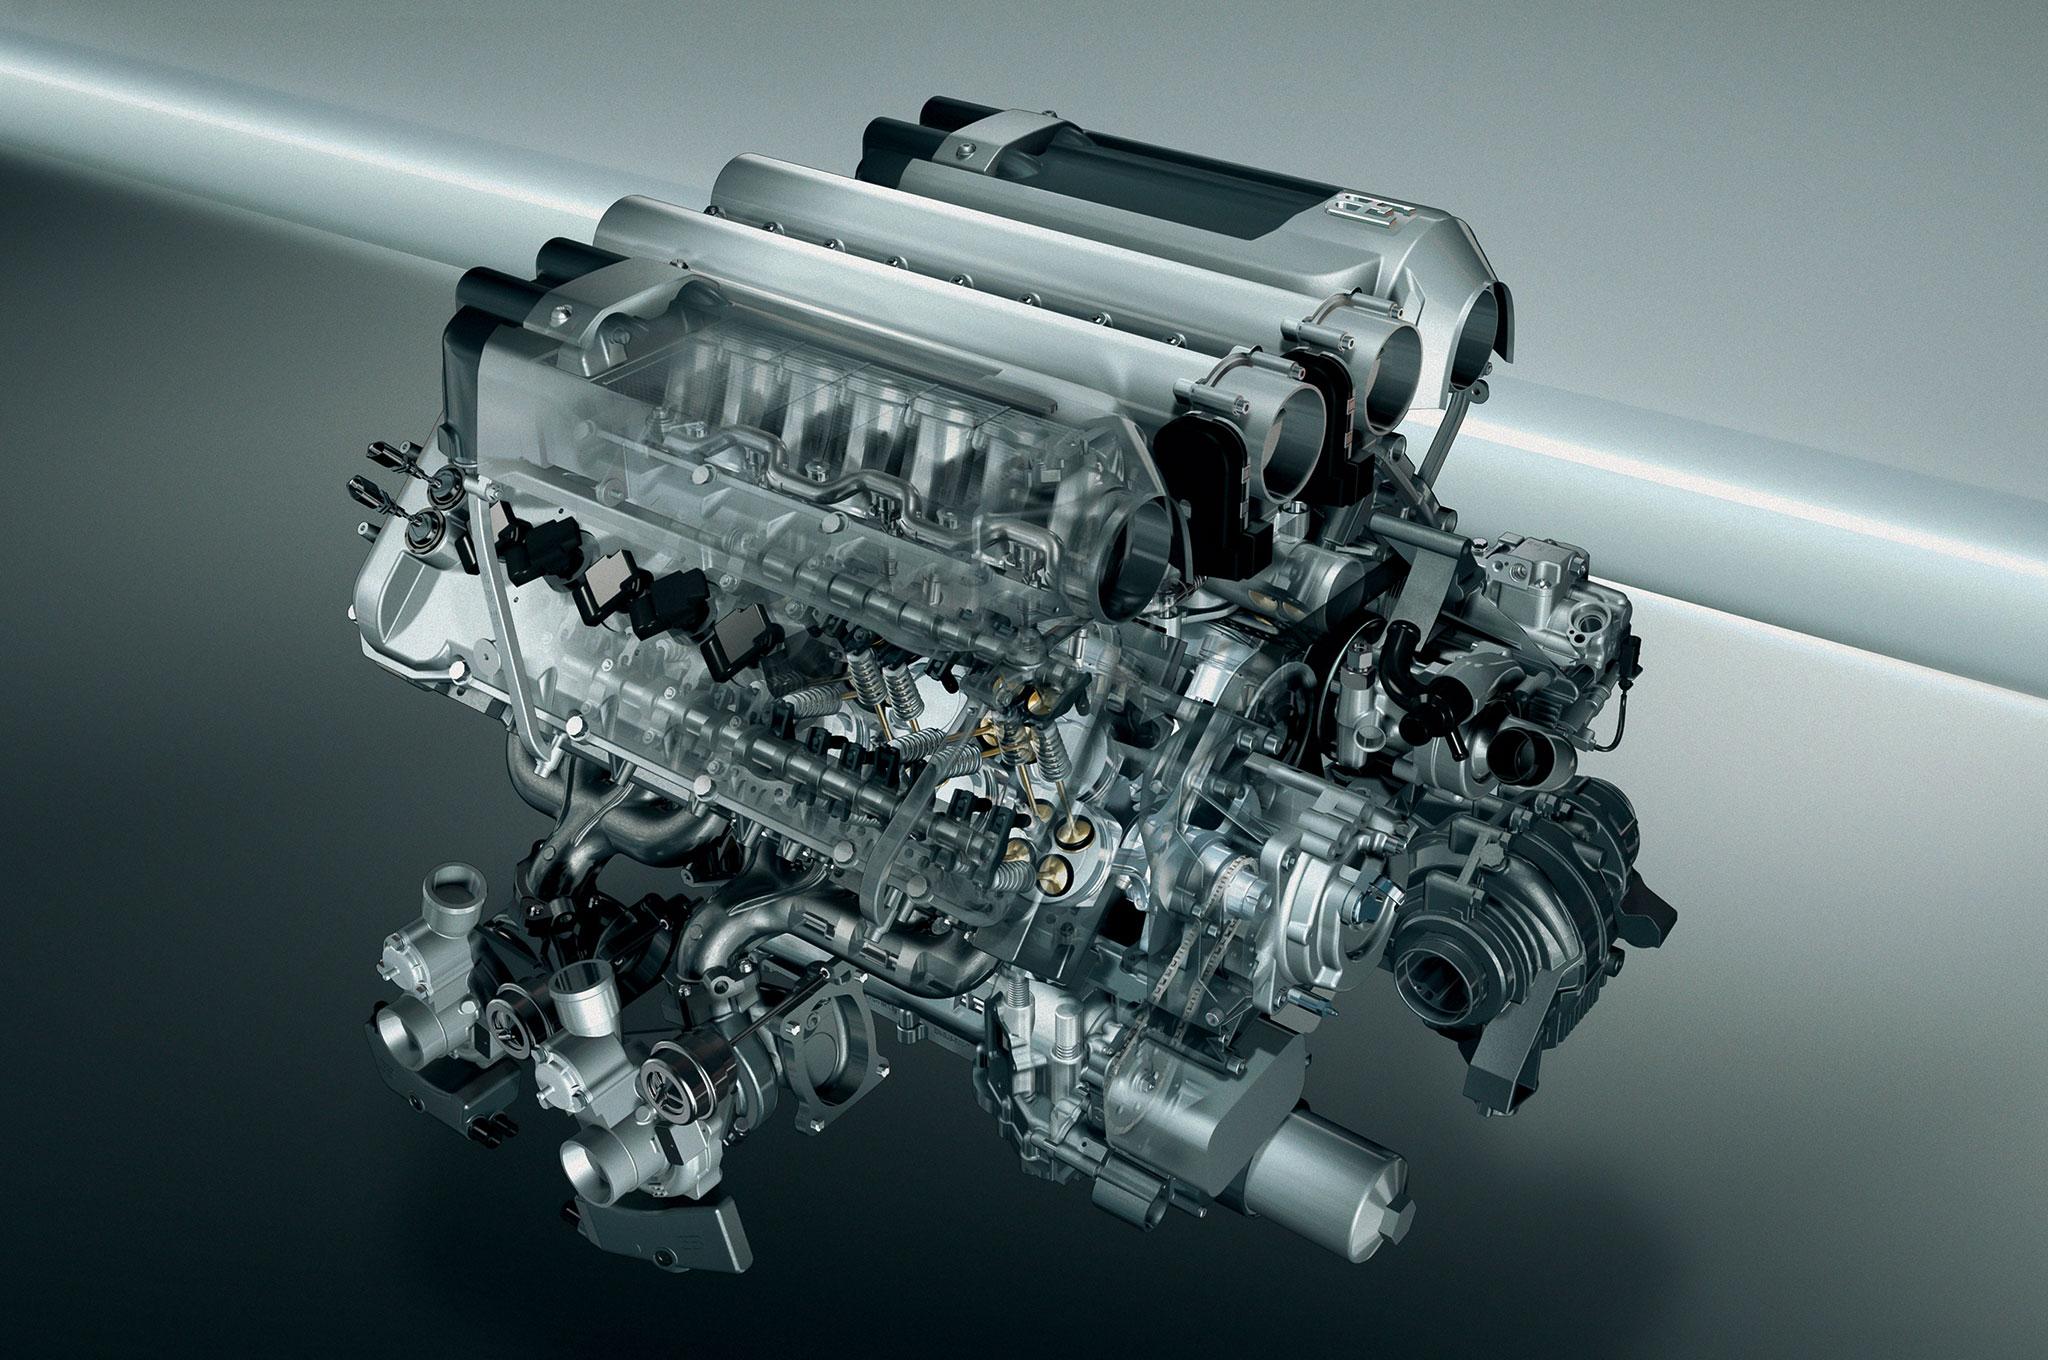 2005 Bugatti Veyron EB 16.4 Review